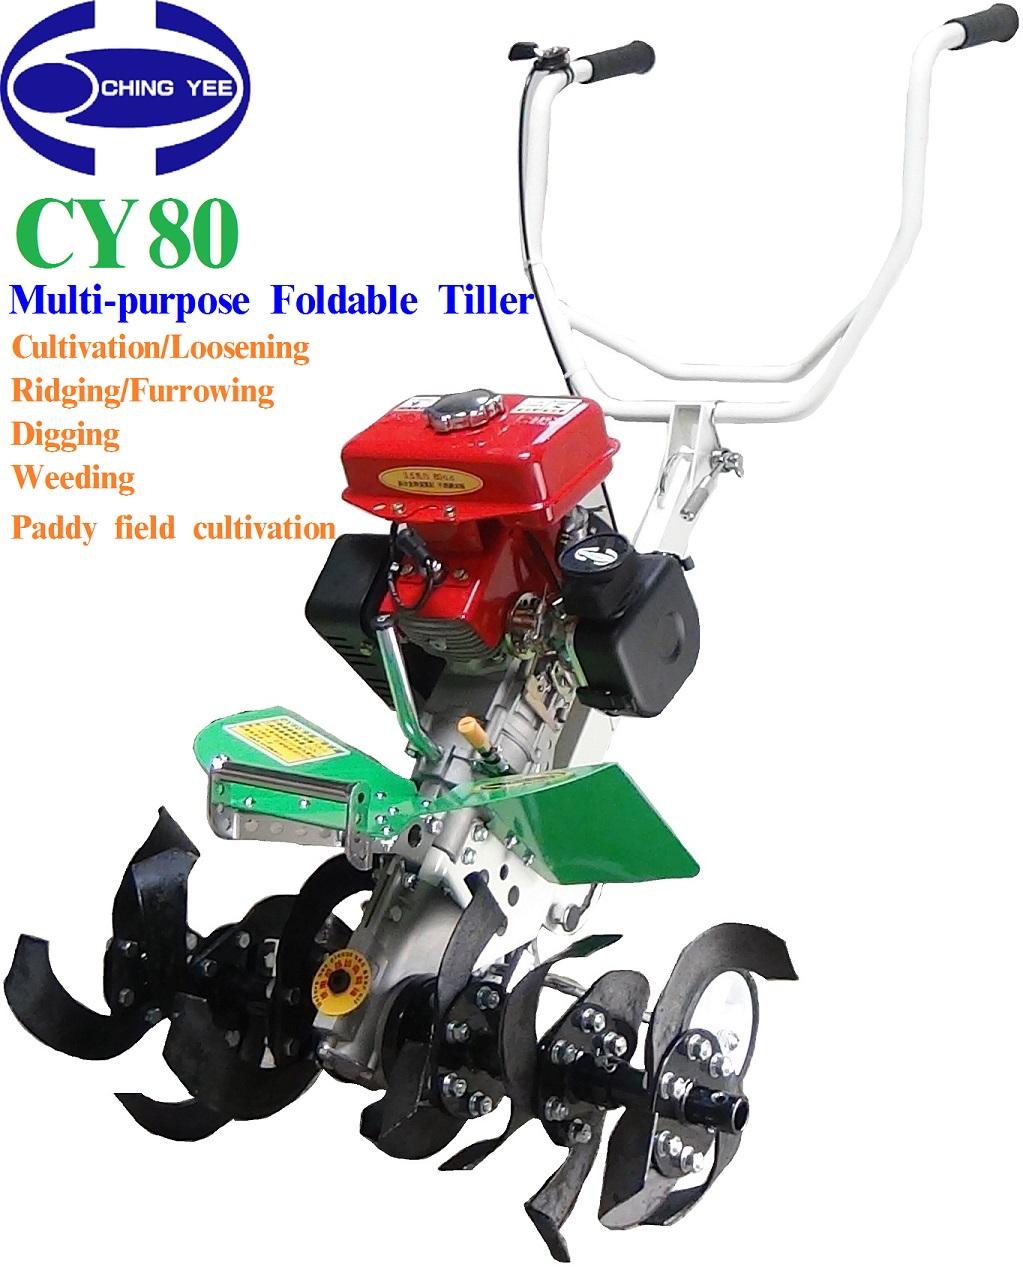 Cy80 Multi Purpose Power Tiller Cultivator Manufacturers